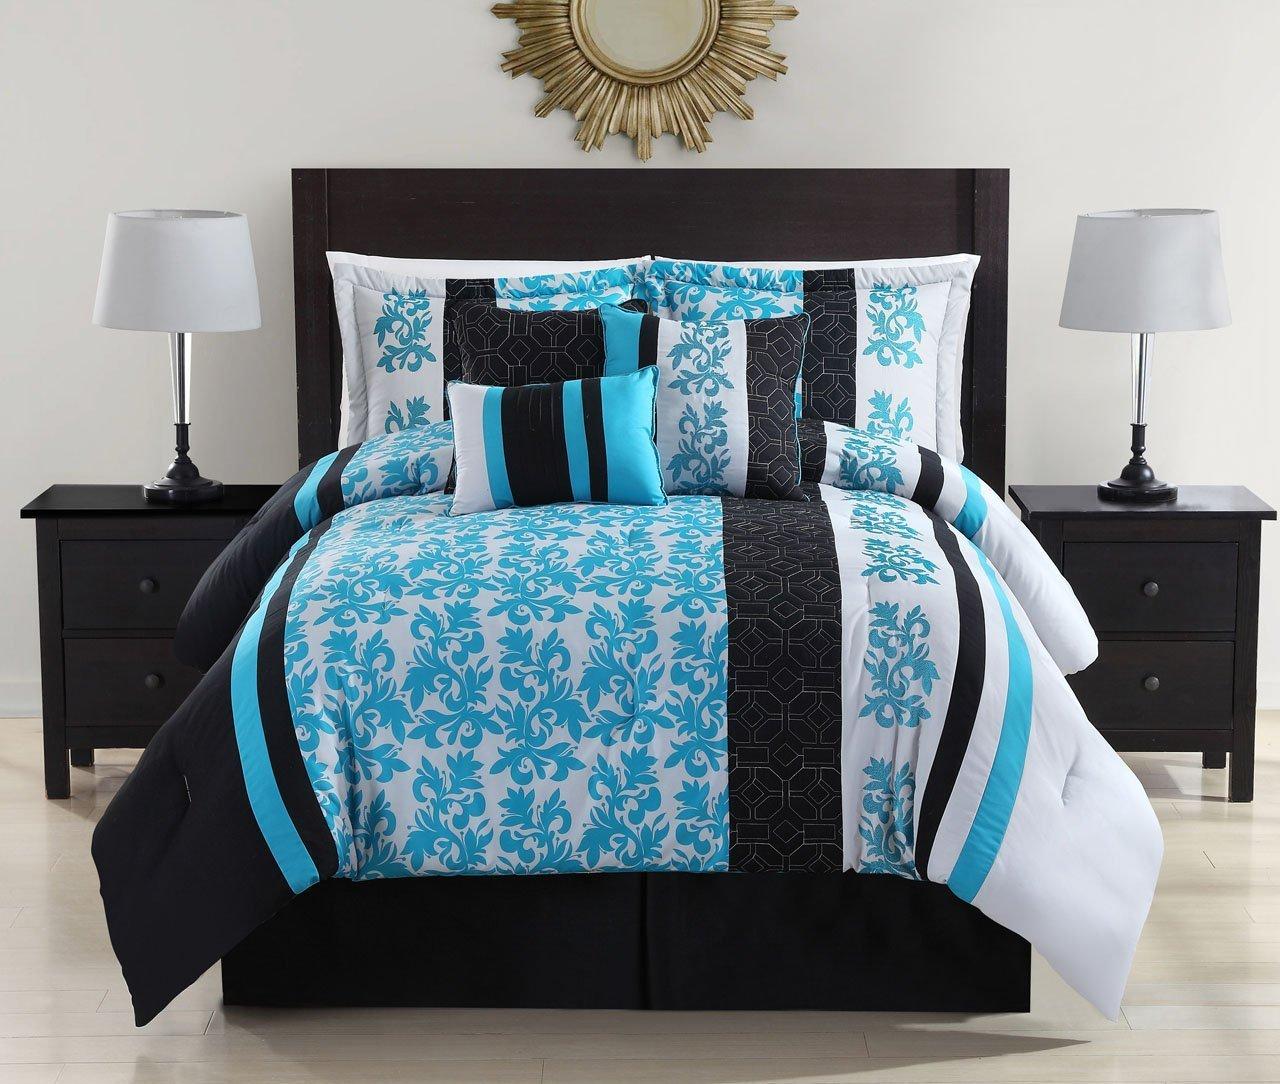 Aqua And Black Bedding